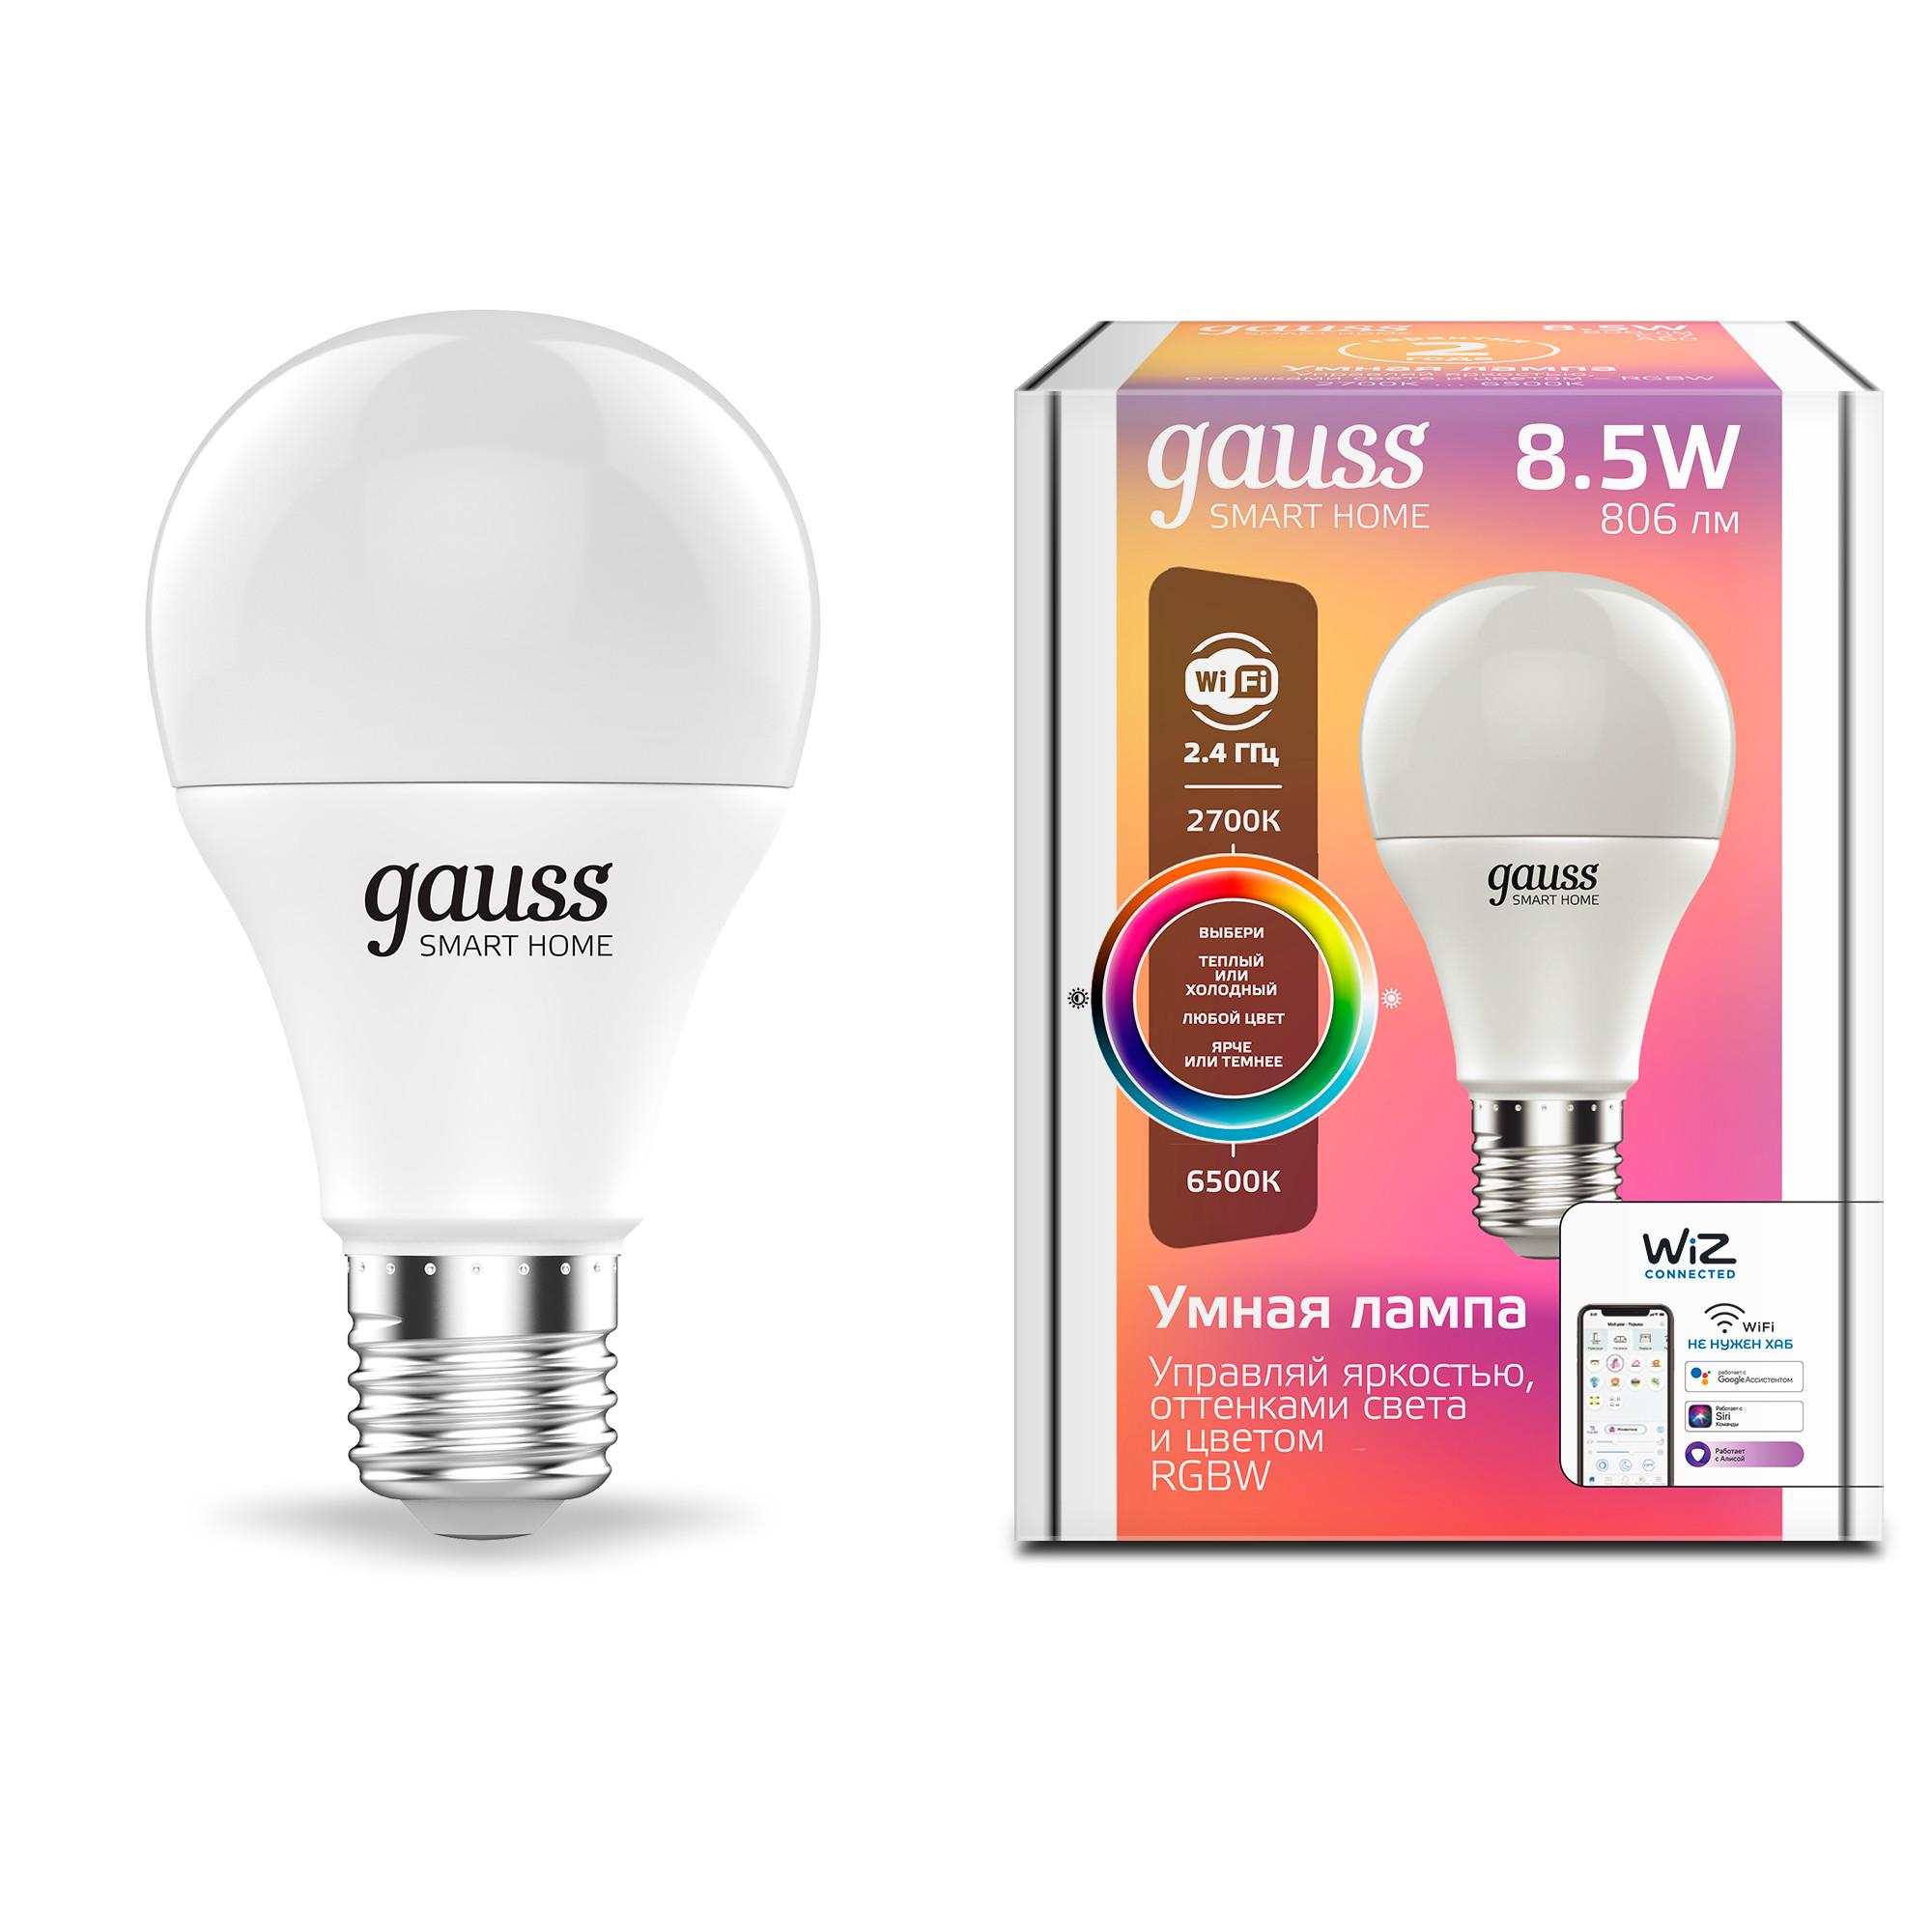 Лампа умная светодиодная Gauss E27 220 В 8.5 Вт груша матовая 806 лм регулируемый цвет света RGBW для диммера